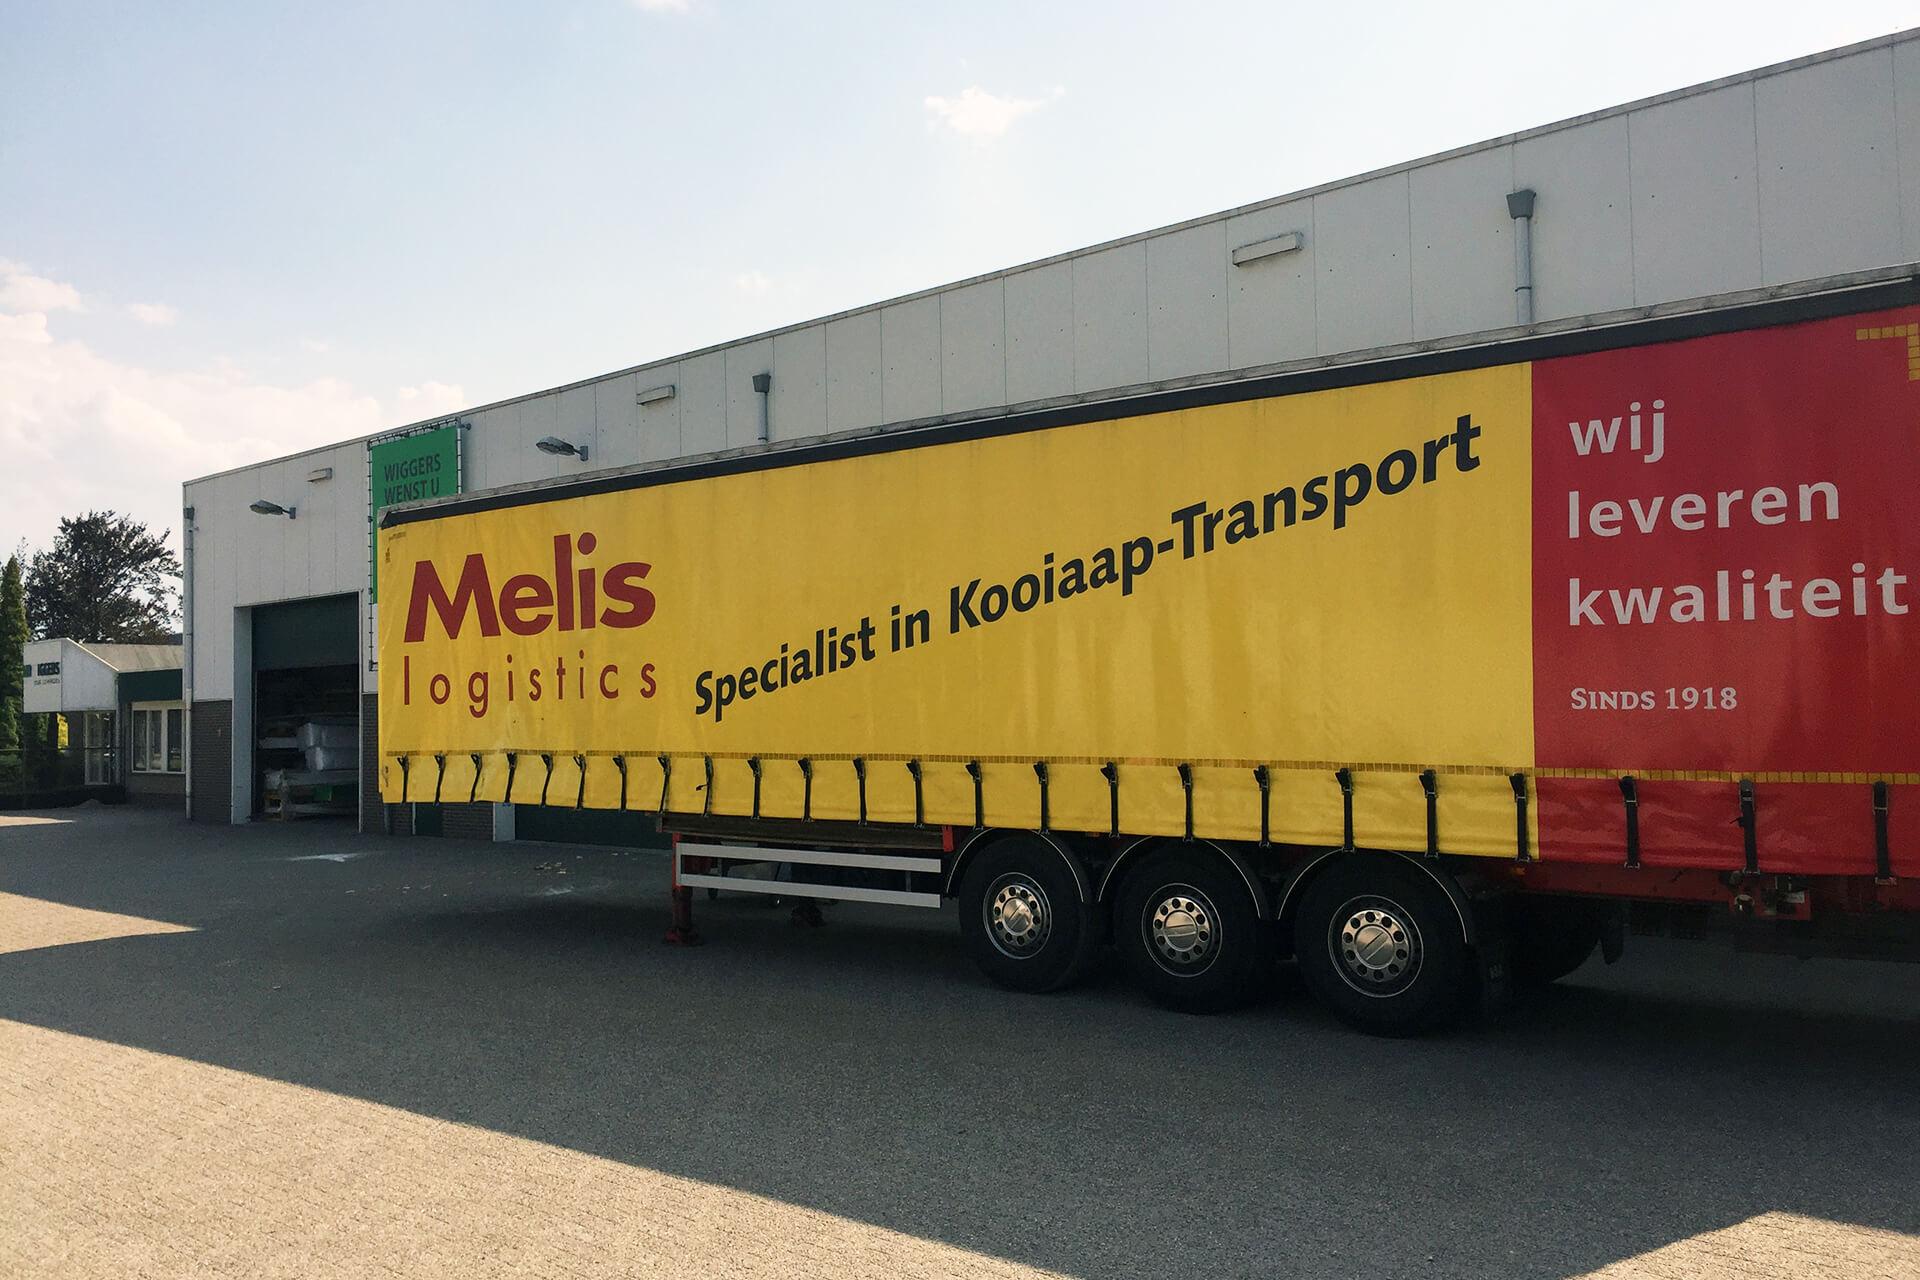 Wiggers en Melis Logistics